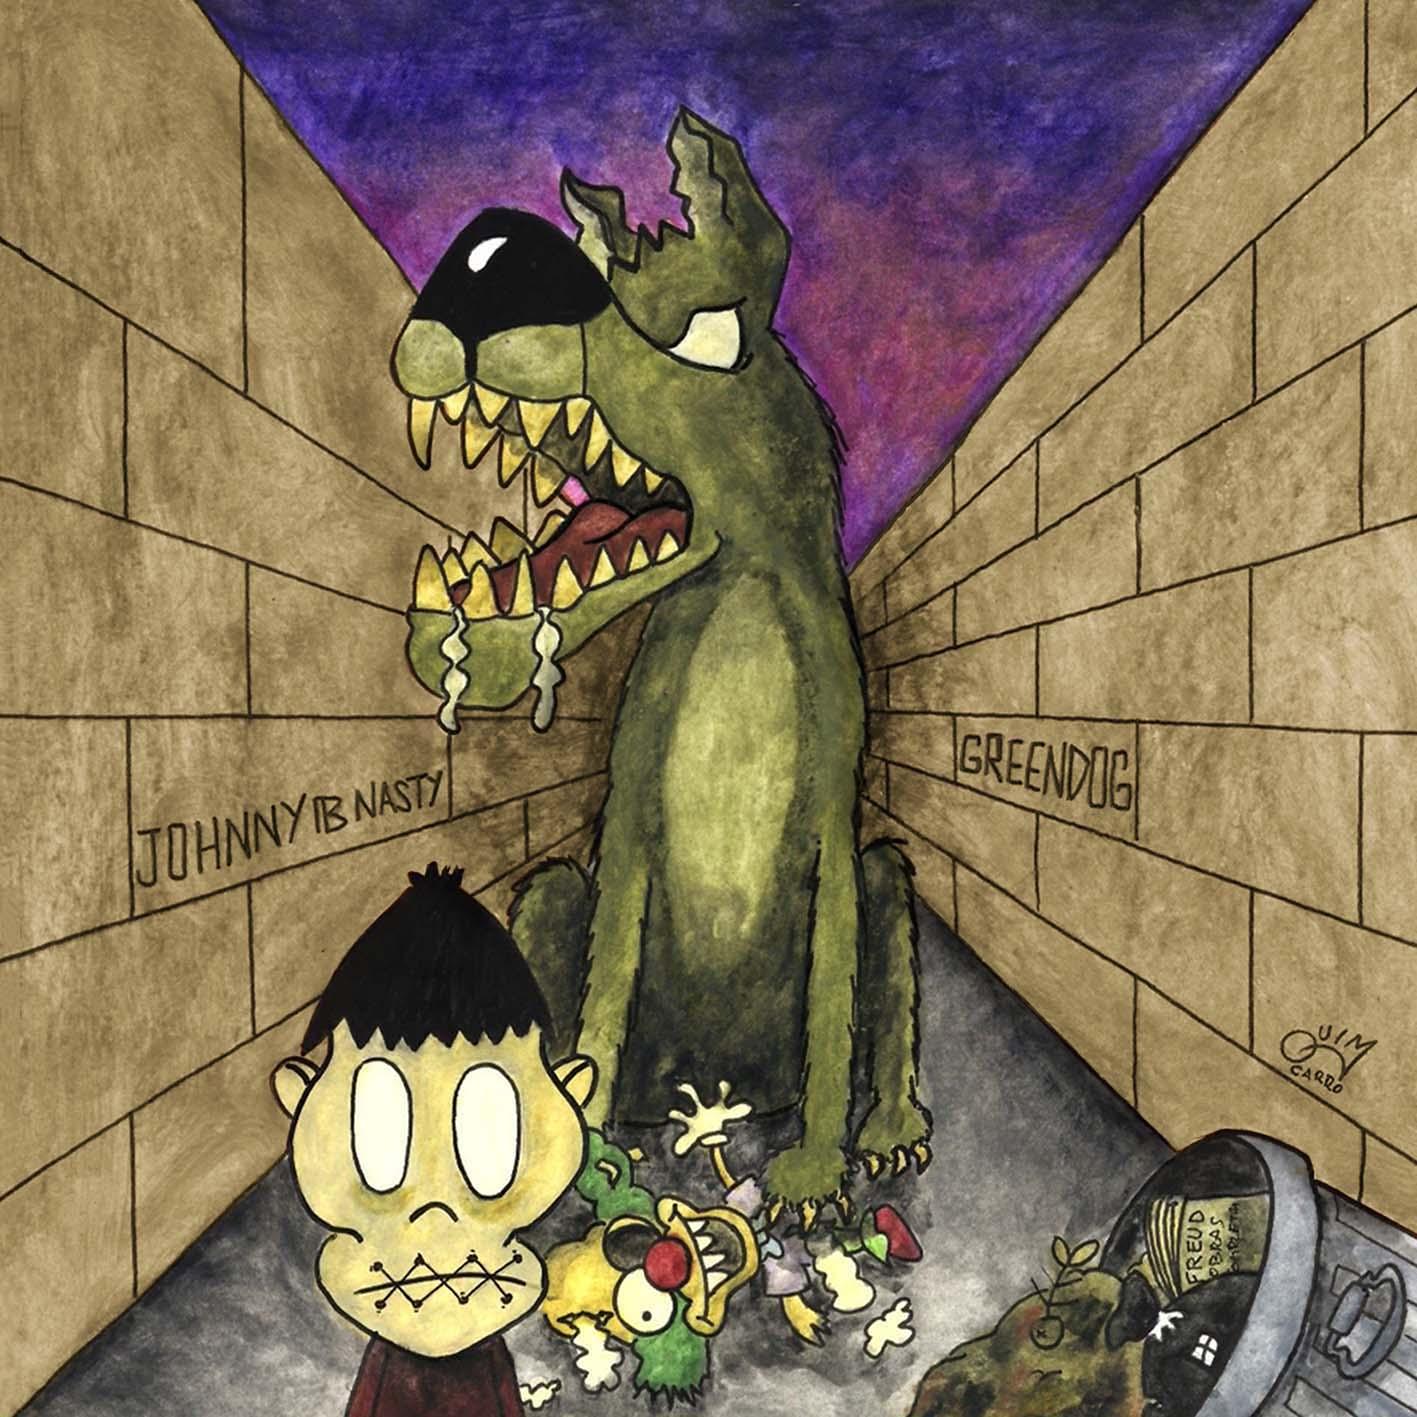 """Edición CD """"Greendog"""" Johnny B. Nasty ya a la venta y nuevo EP en camino Front14"""